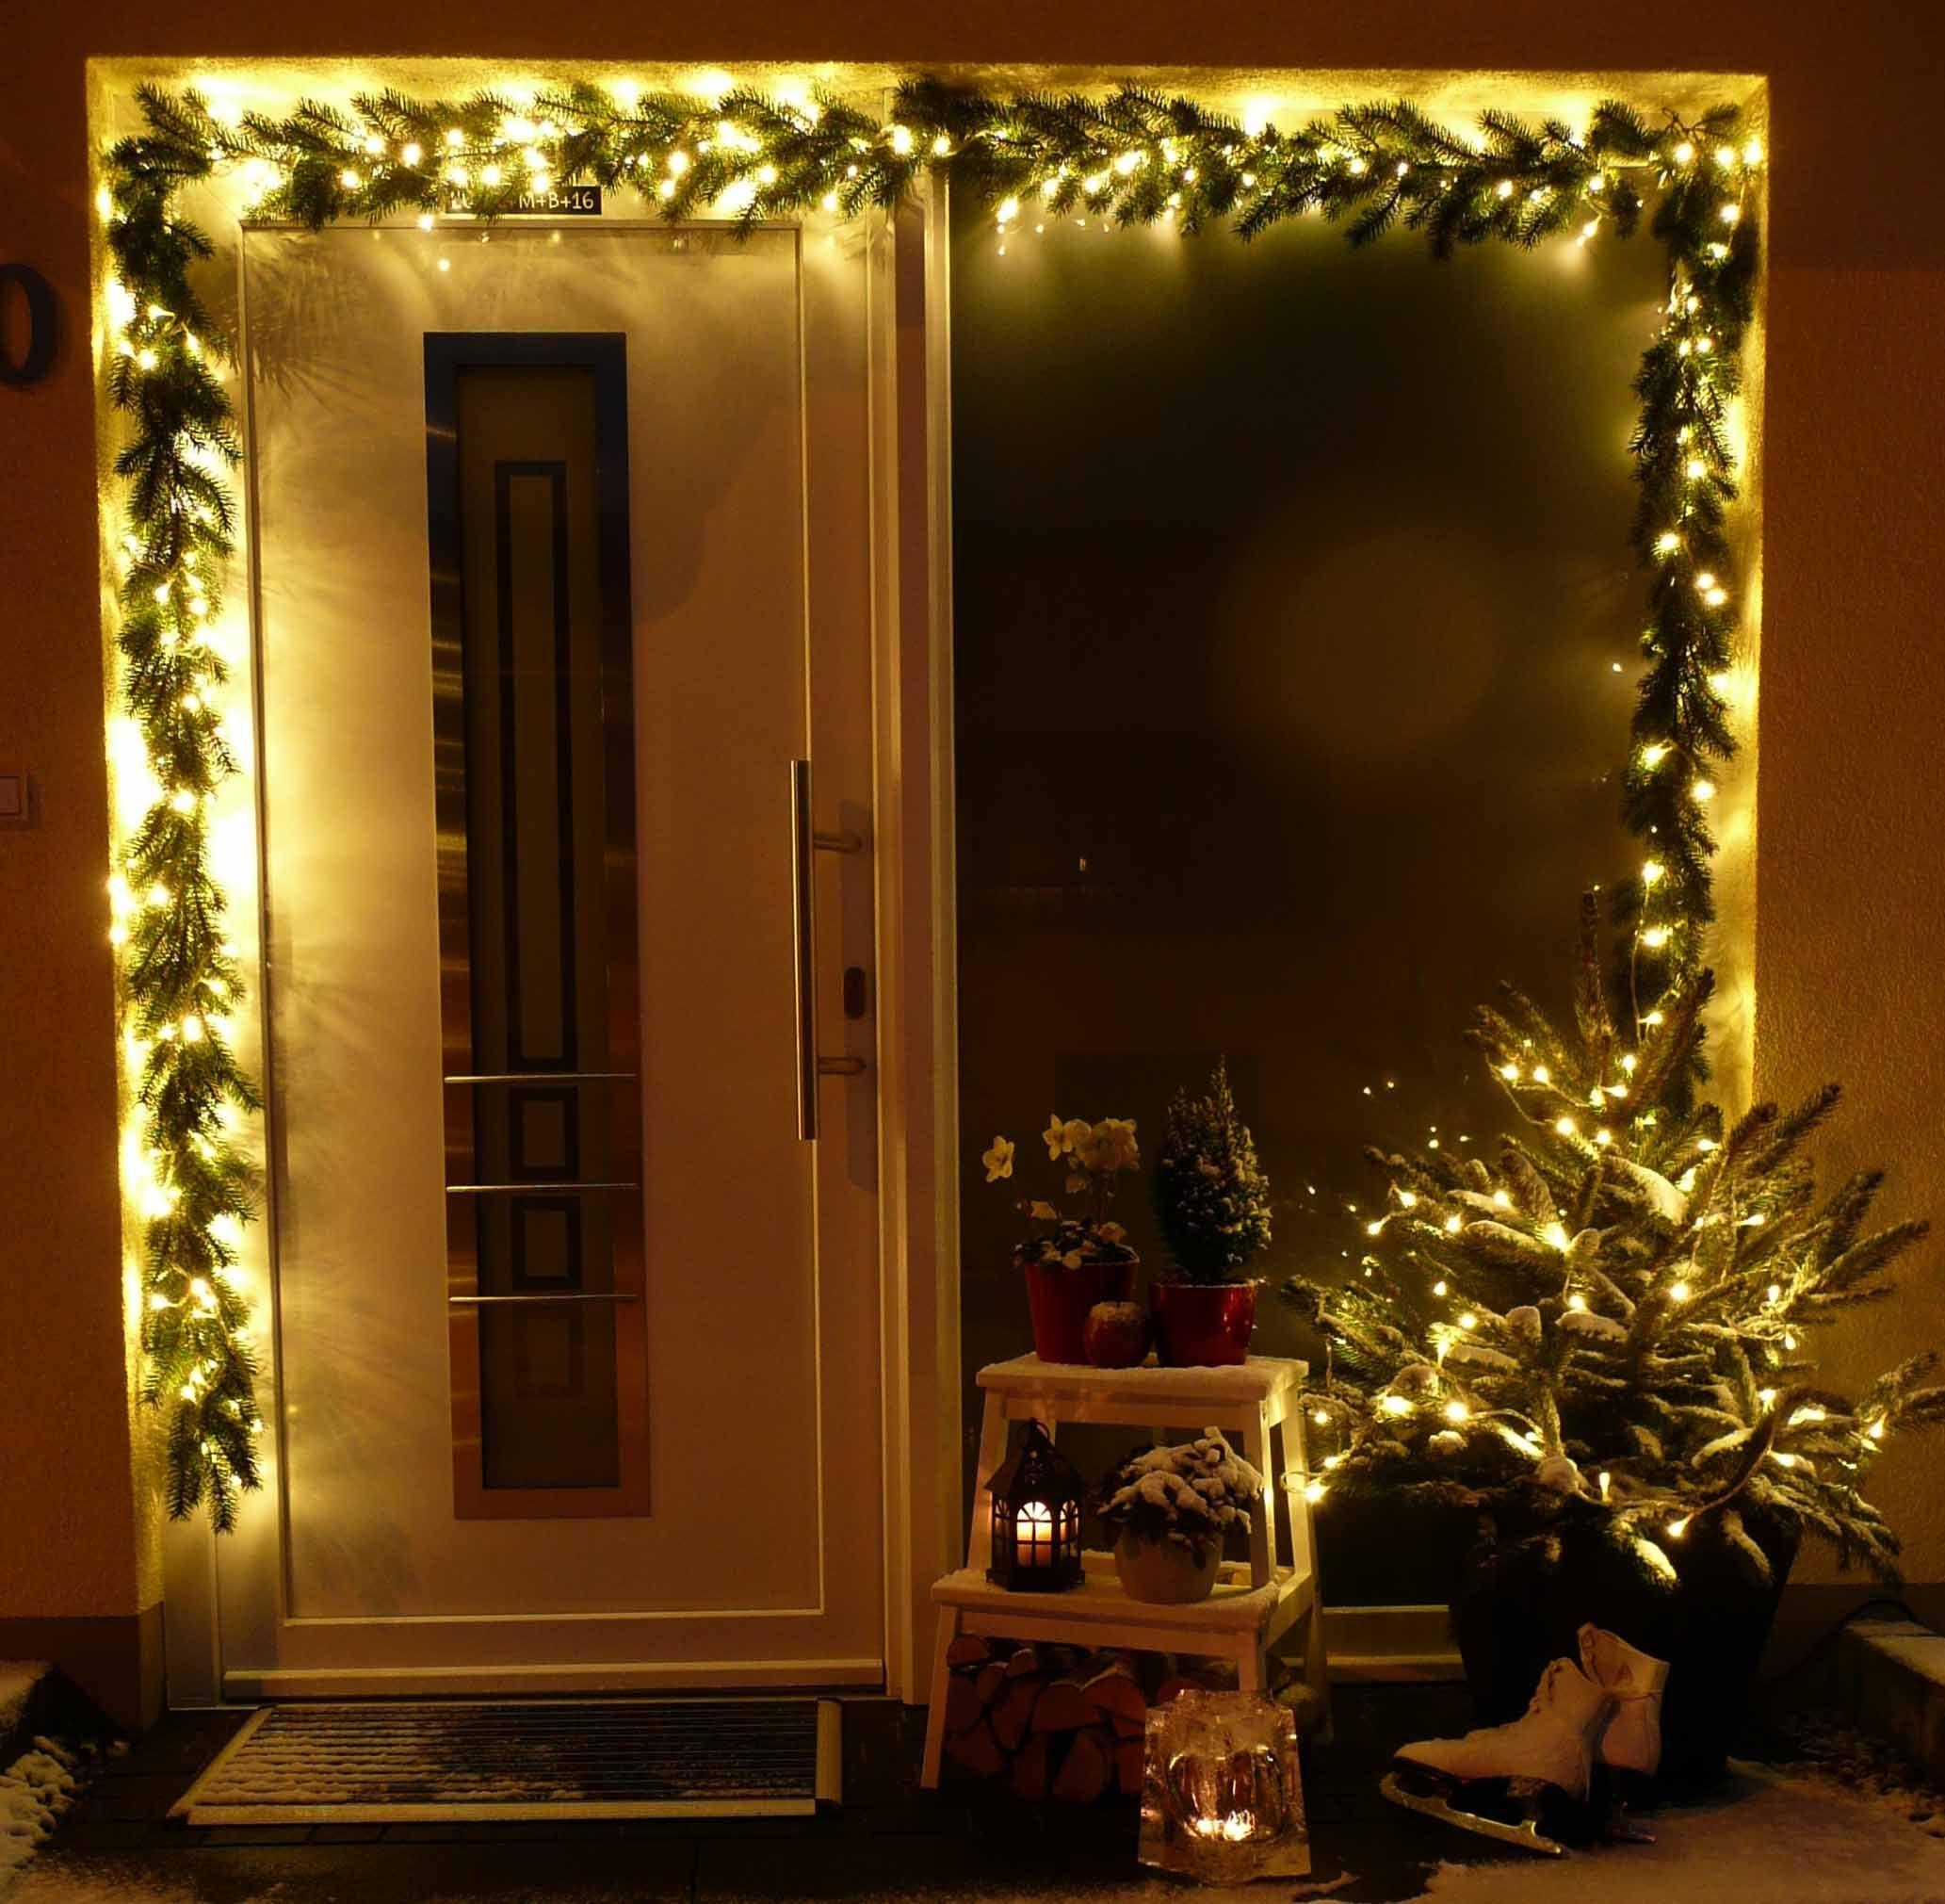 Beleuchteter Schlitten Weihnachtsdeko.Gemütliche Weihnachtsdekoration Winterdeko Für Den Hauseingang Mit